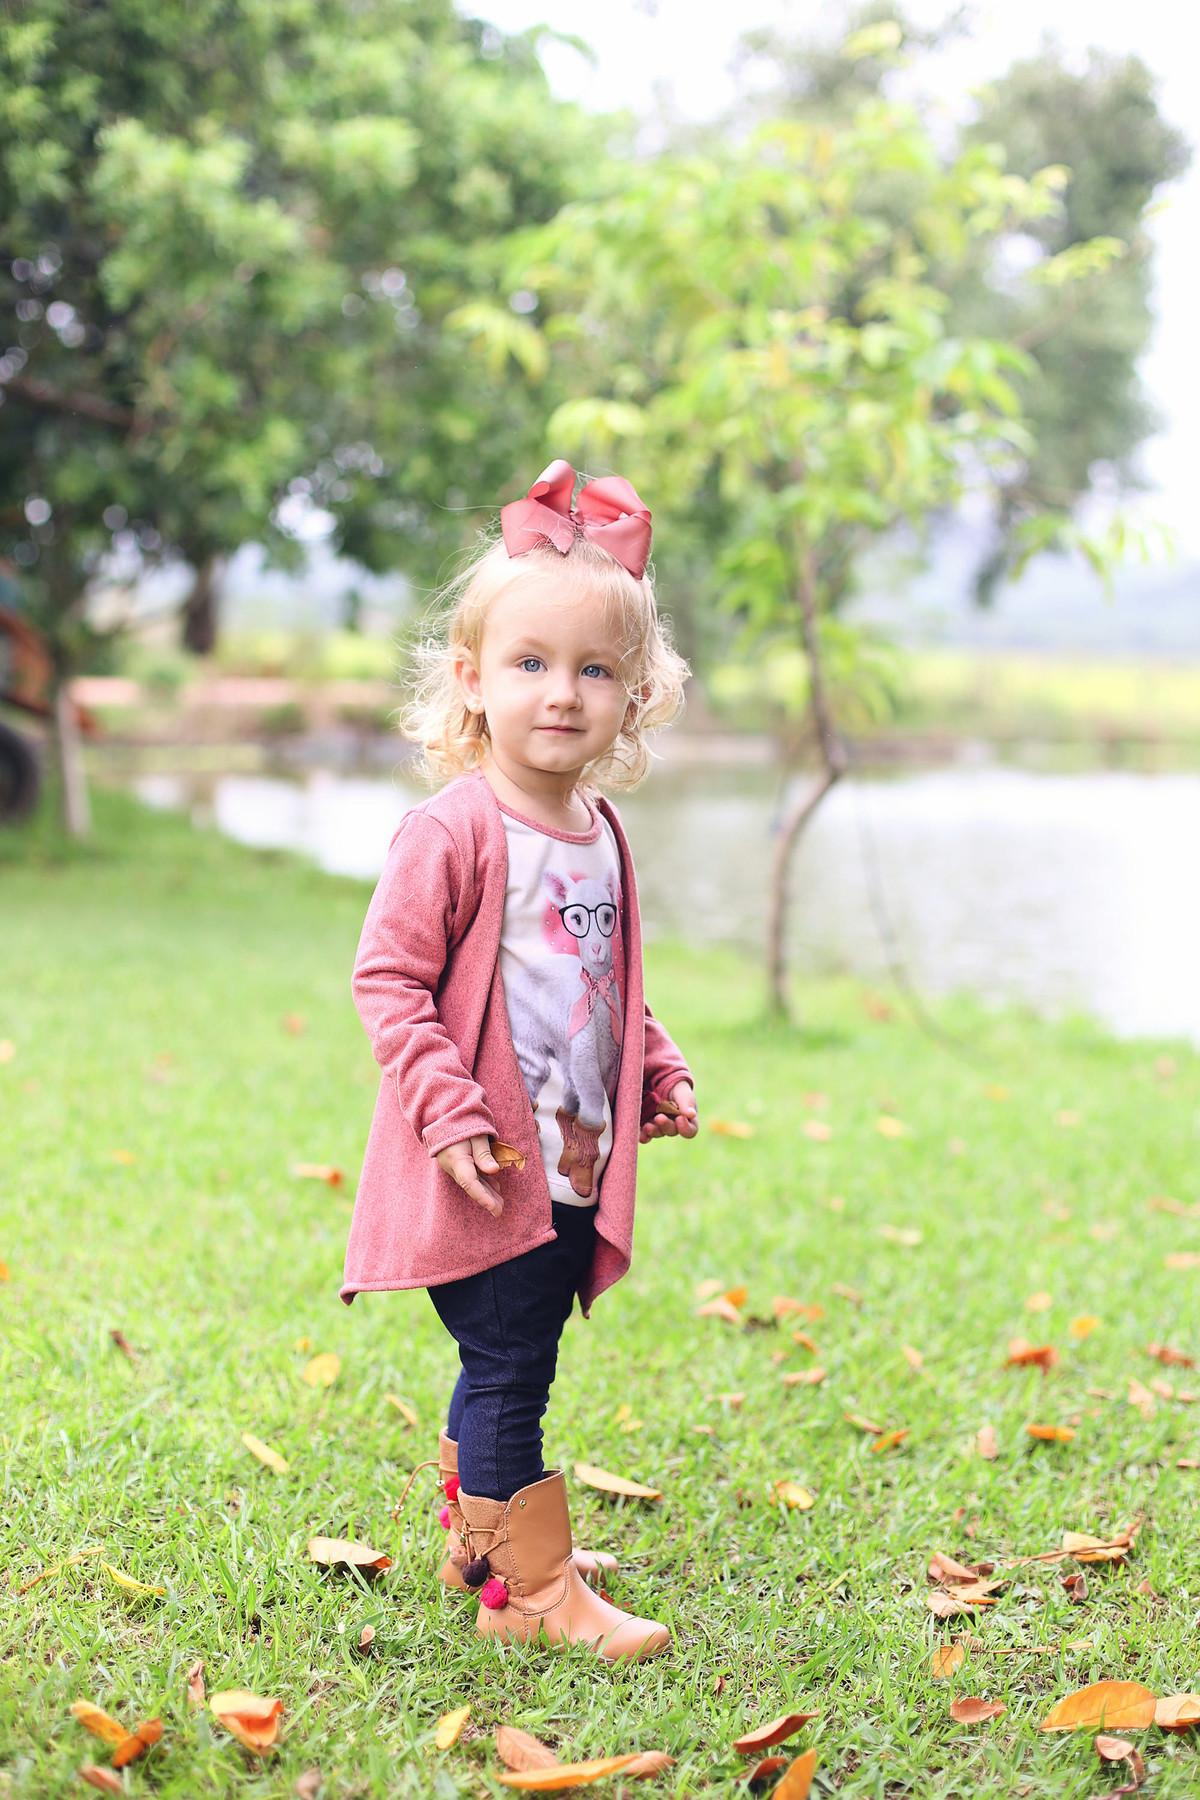 ensaio infantil - Mariah - Itapema - Fotografos de jaraguá do sul - chroma fotografia